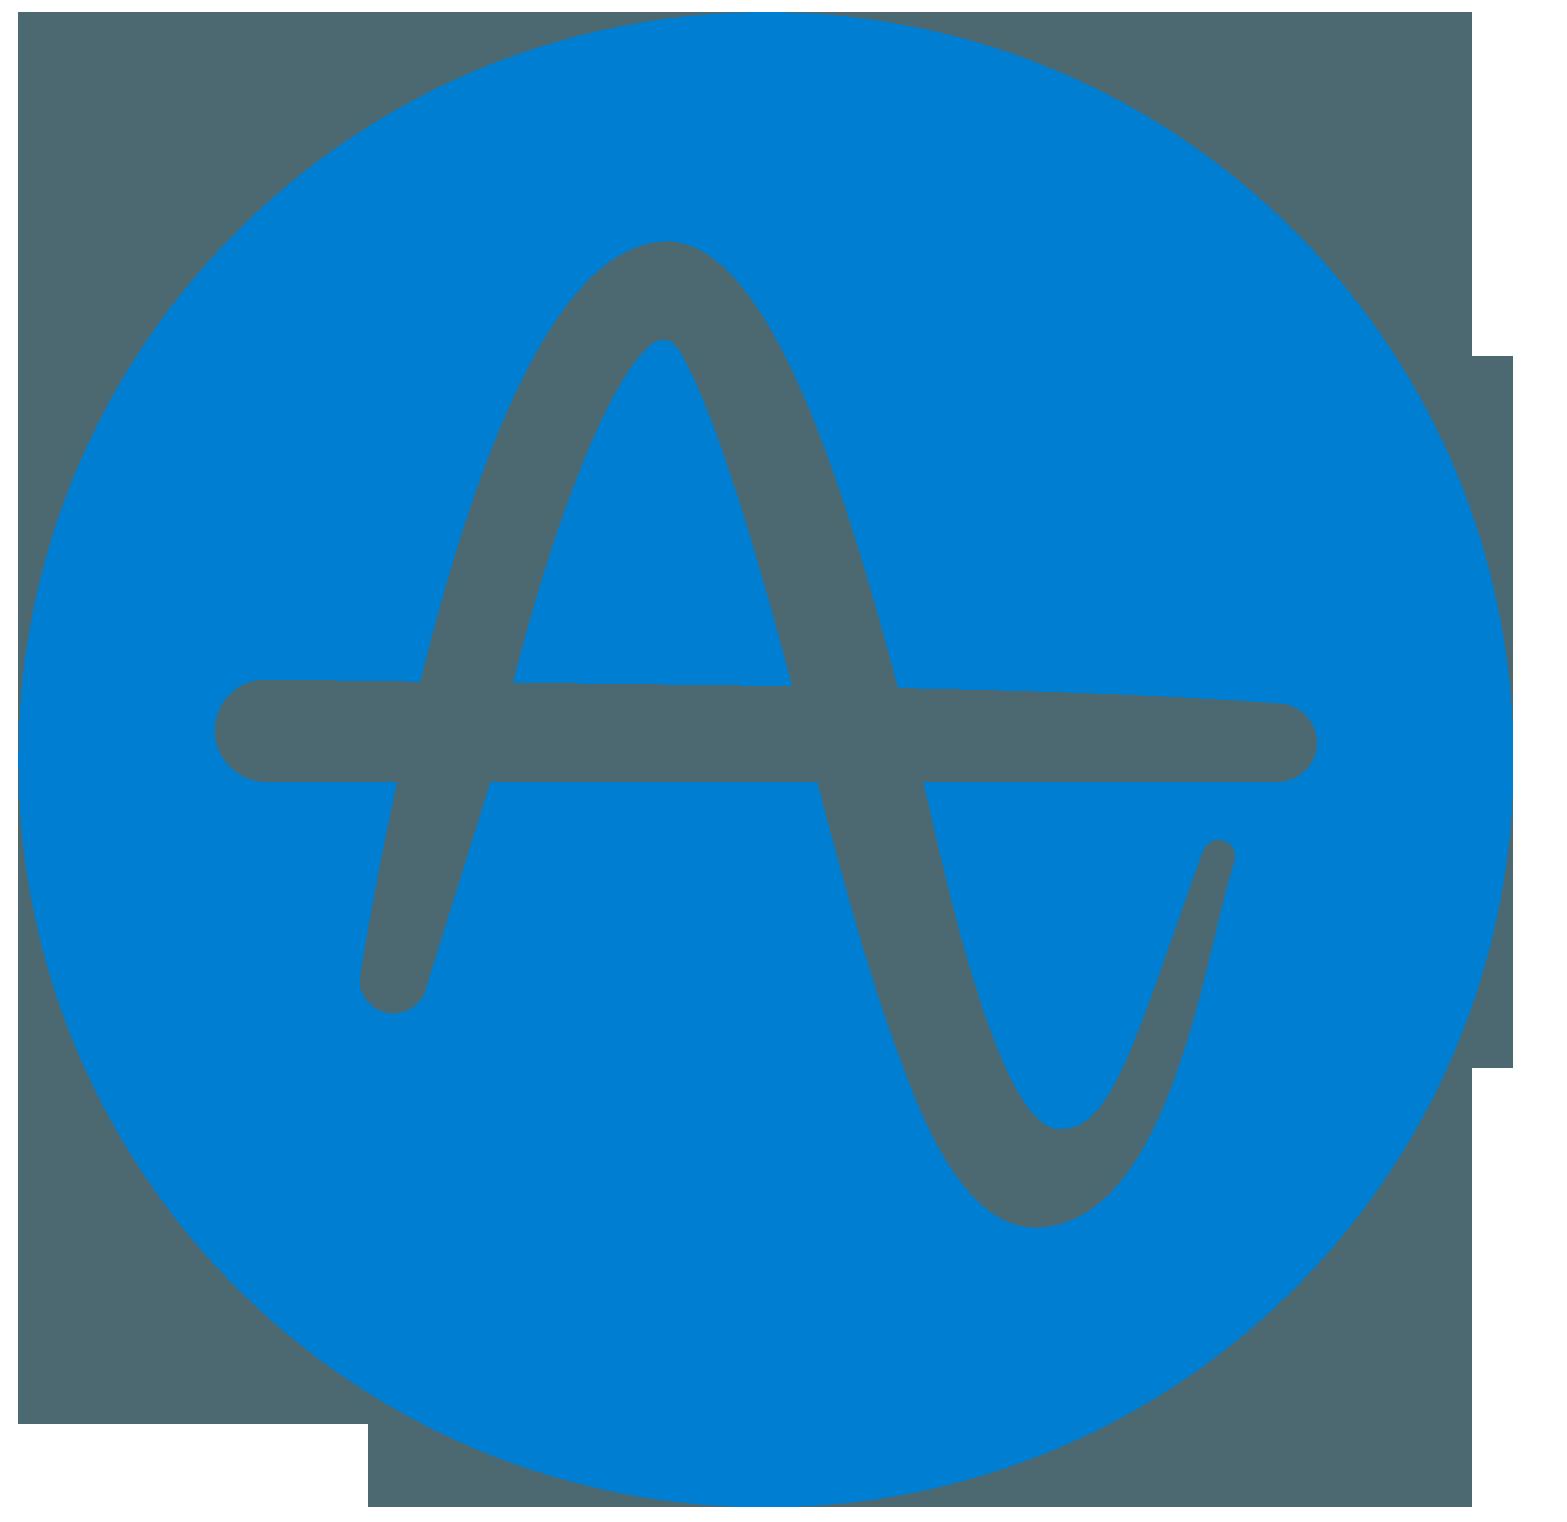 Product & CX Analytics